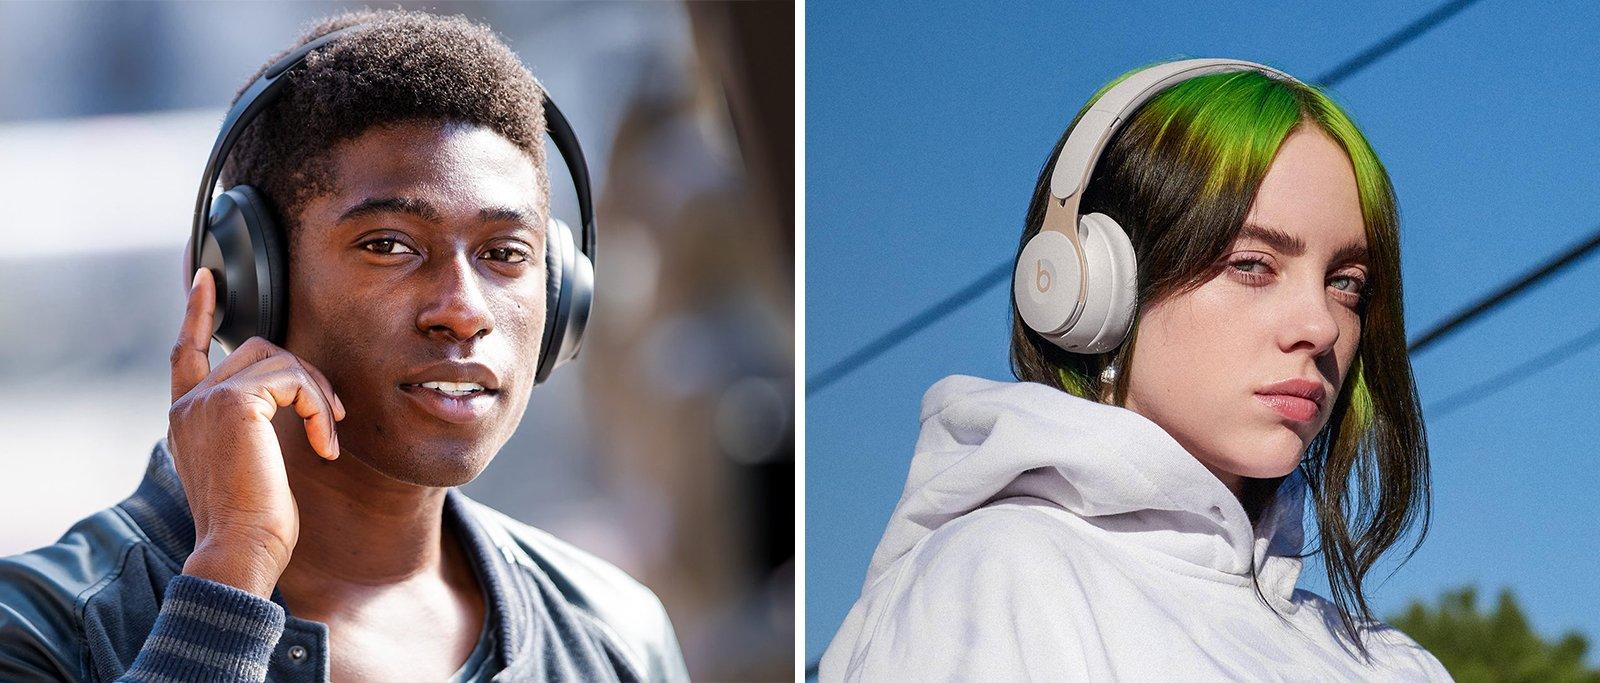 Bose vs Beats Noise Cancelling Headphones Comparison